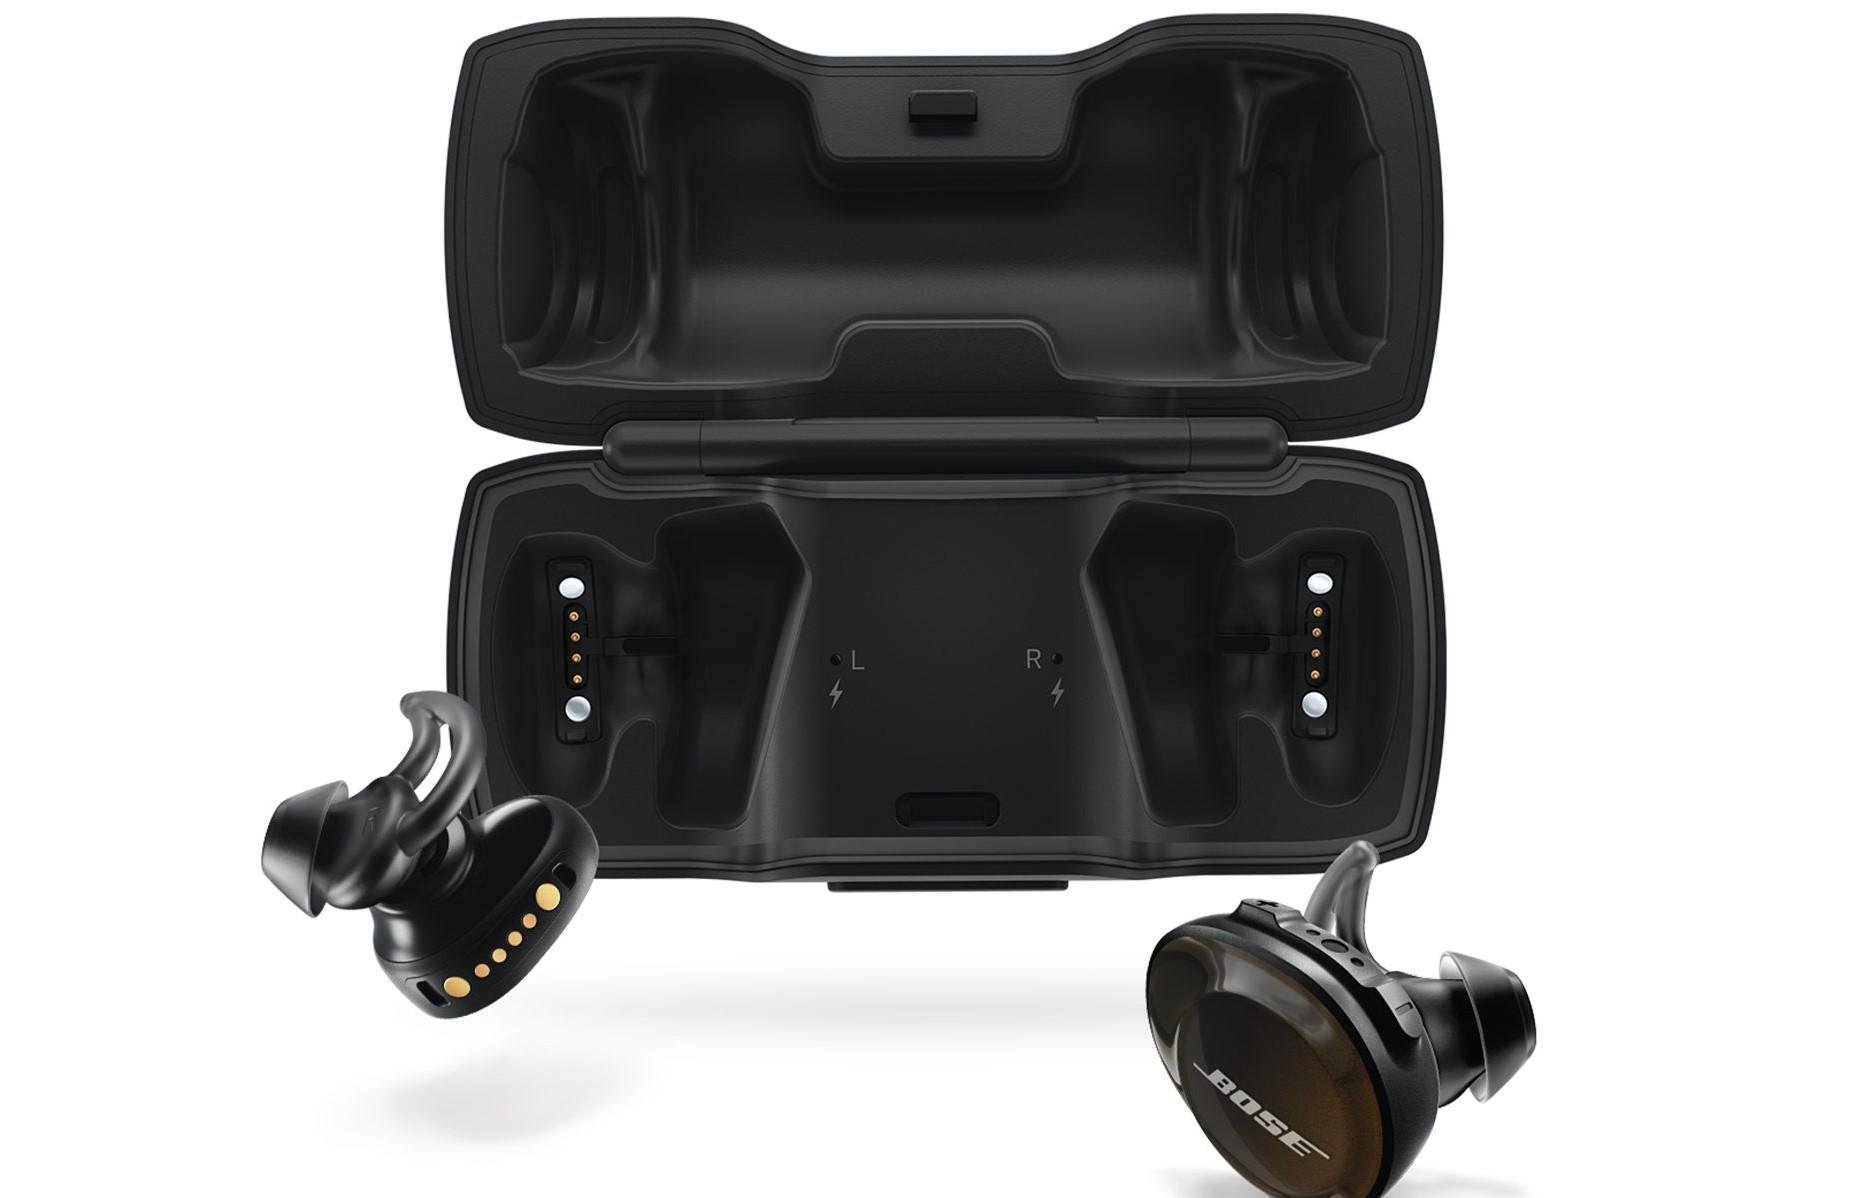 Tai nghe Bluetooth Bose Soundsport Free (Xanh/Vàng Chanh) tai nghe in-ear đích thực